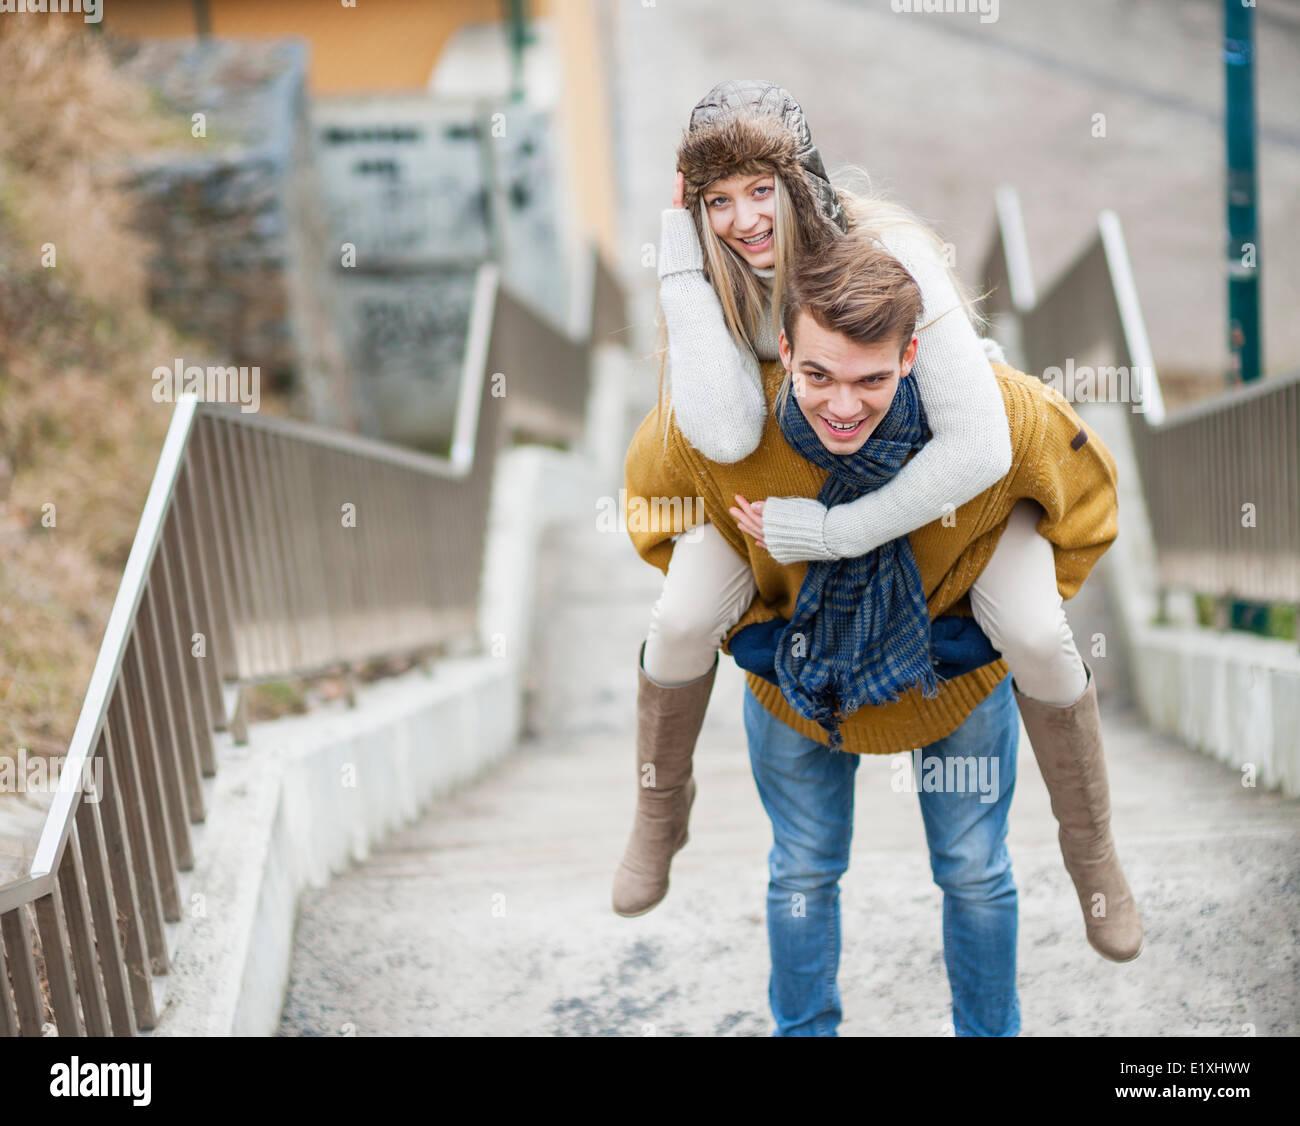 Porträt der lächelnde Frau wird von Mann auf Treppe piggybacked Stockbild